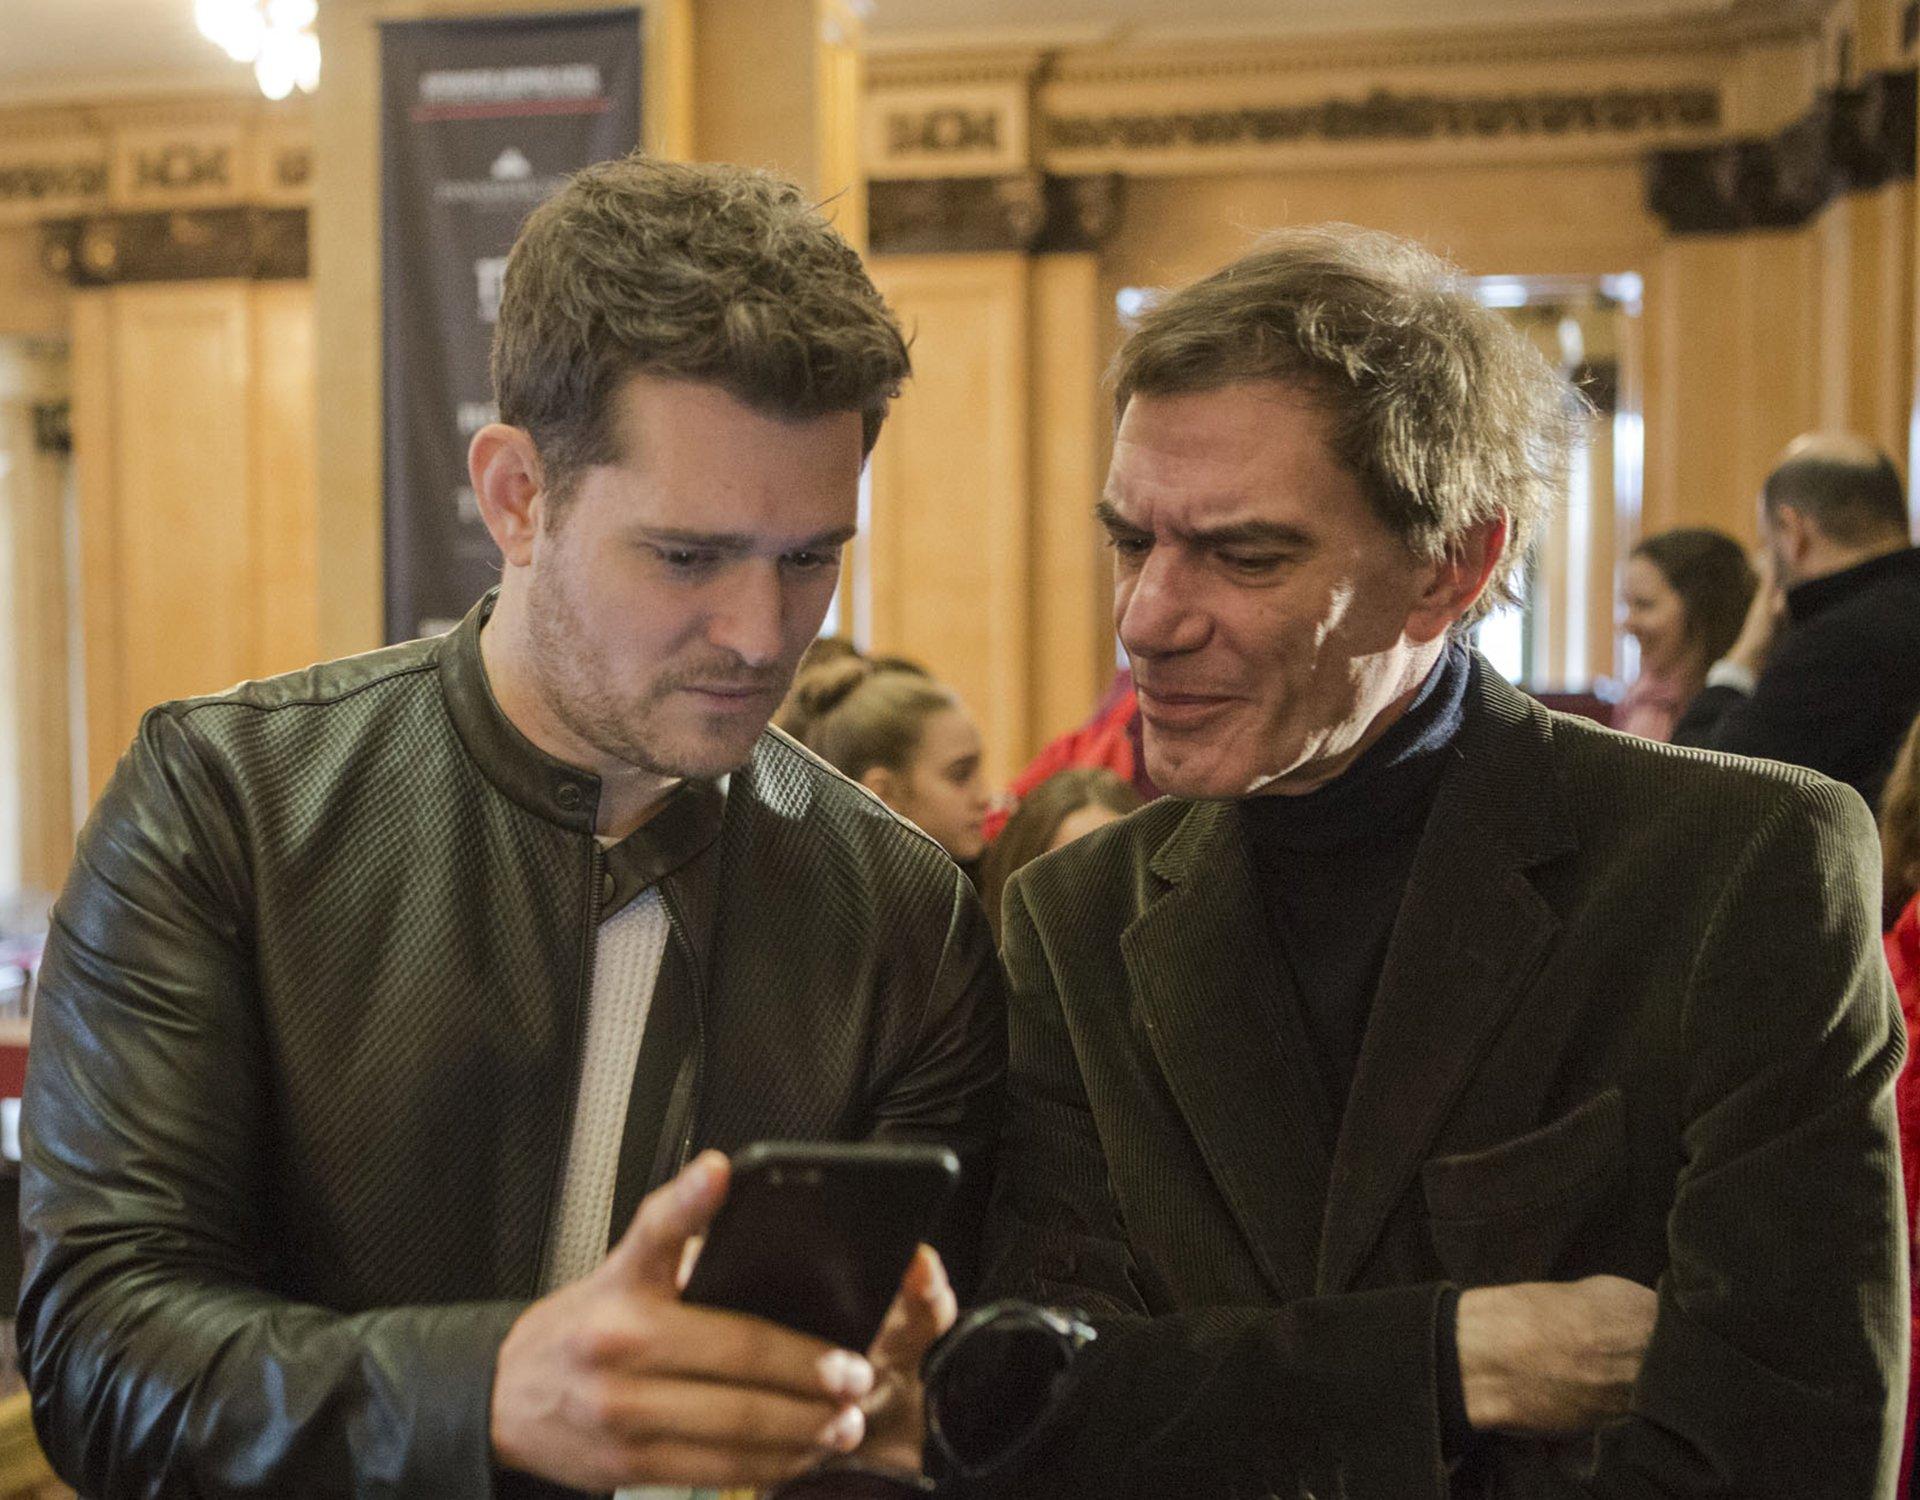 El ministro de Cultura porteño y director artístico del Teatro Colón, Darío Lopérfido, junto aMichel Bublé